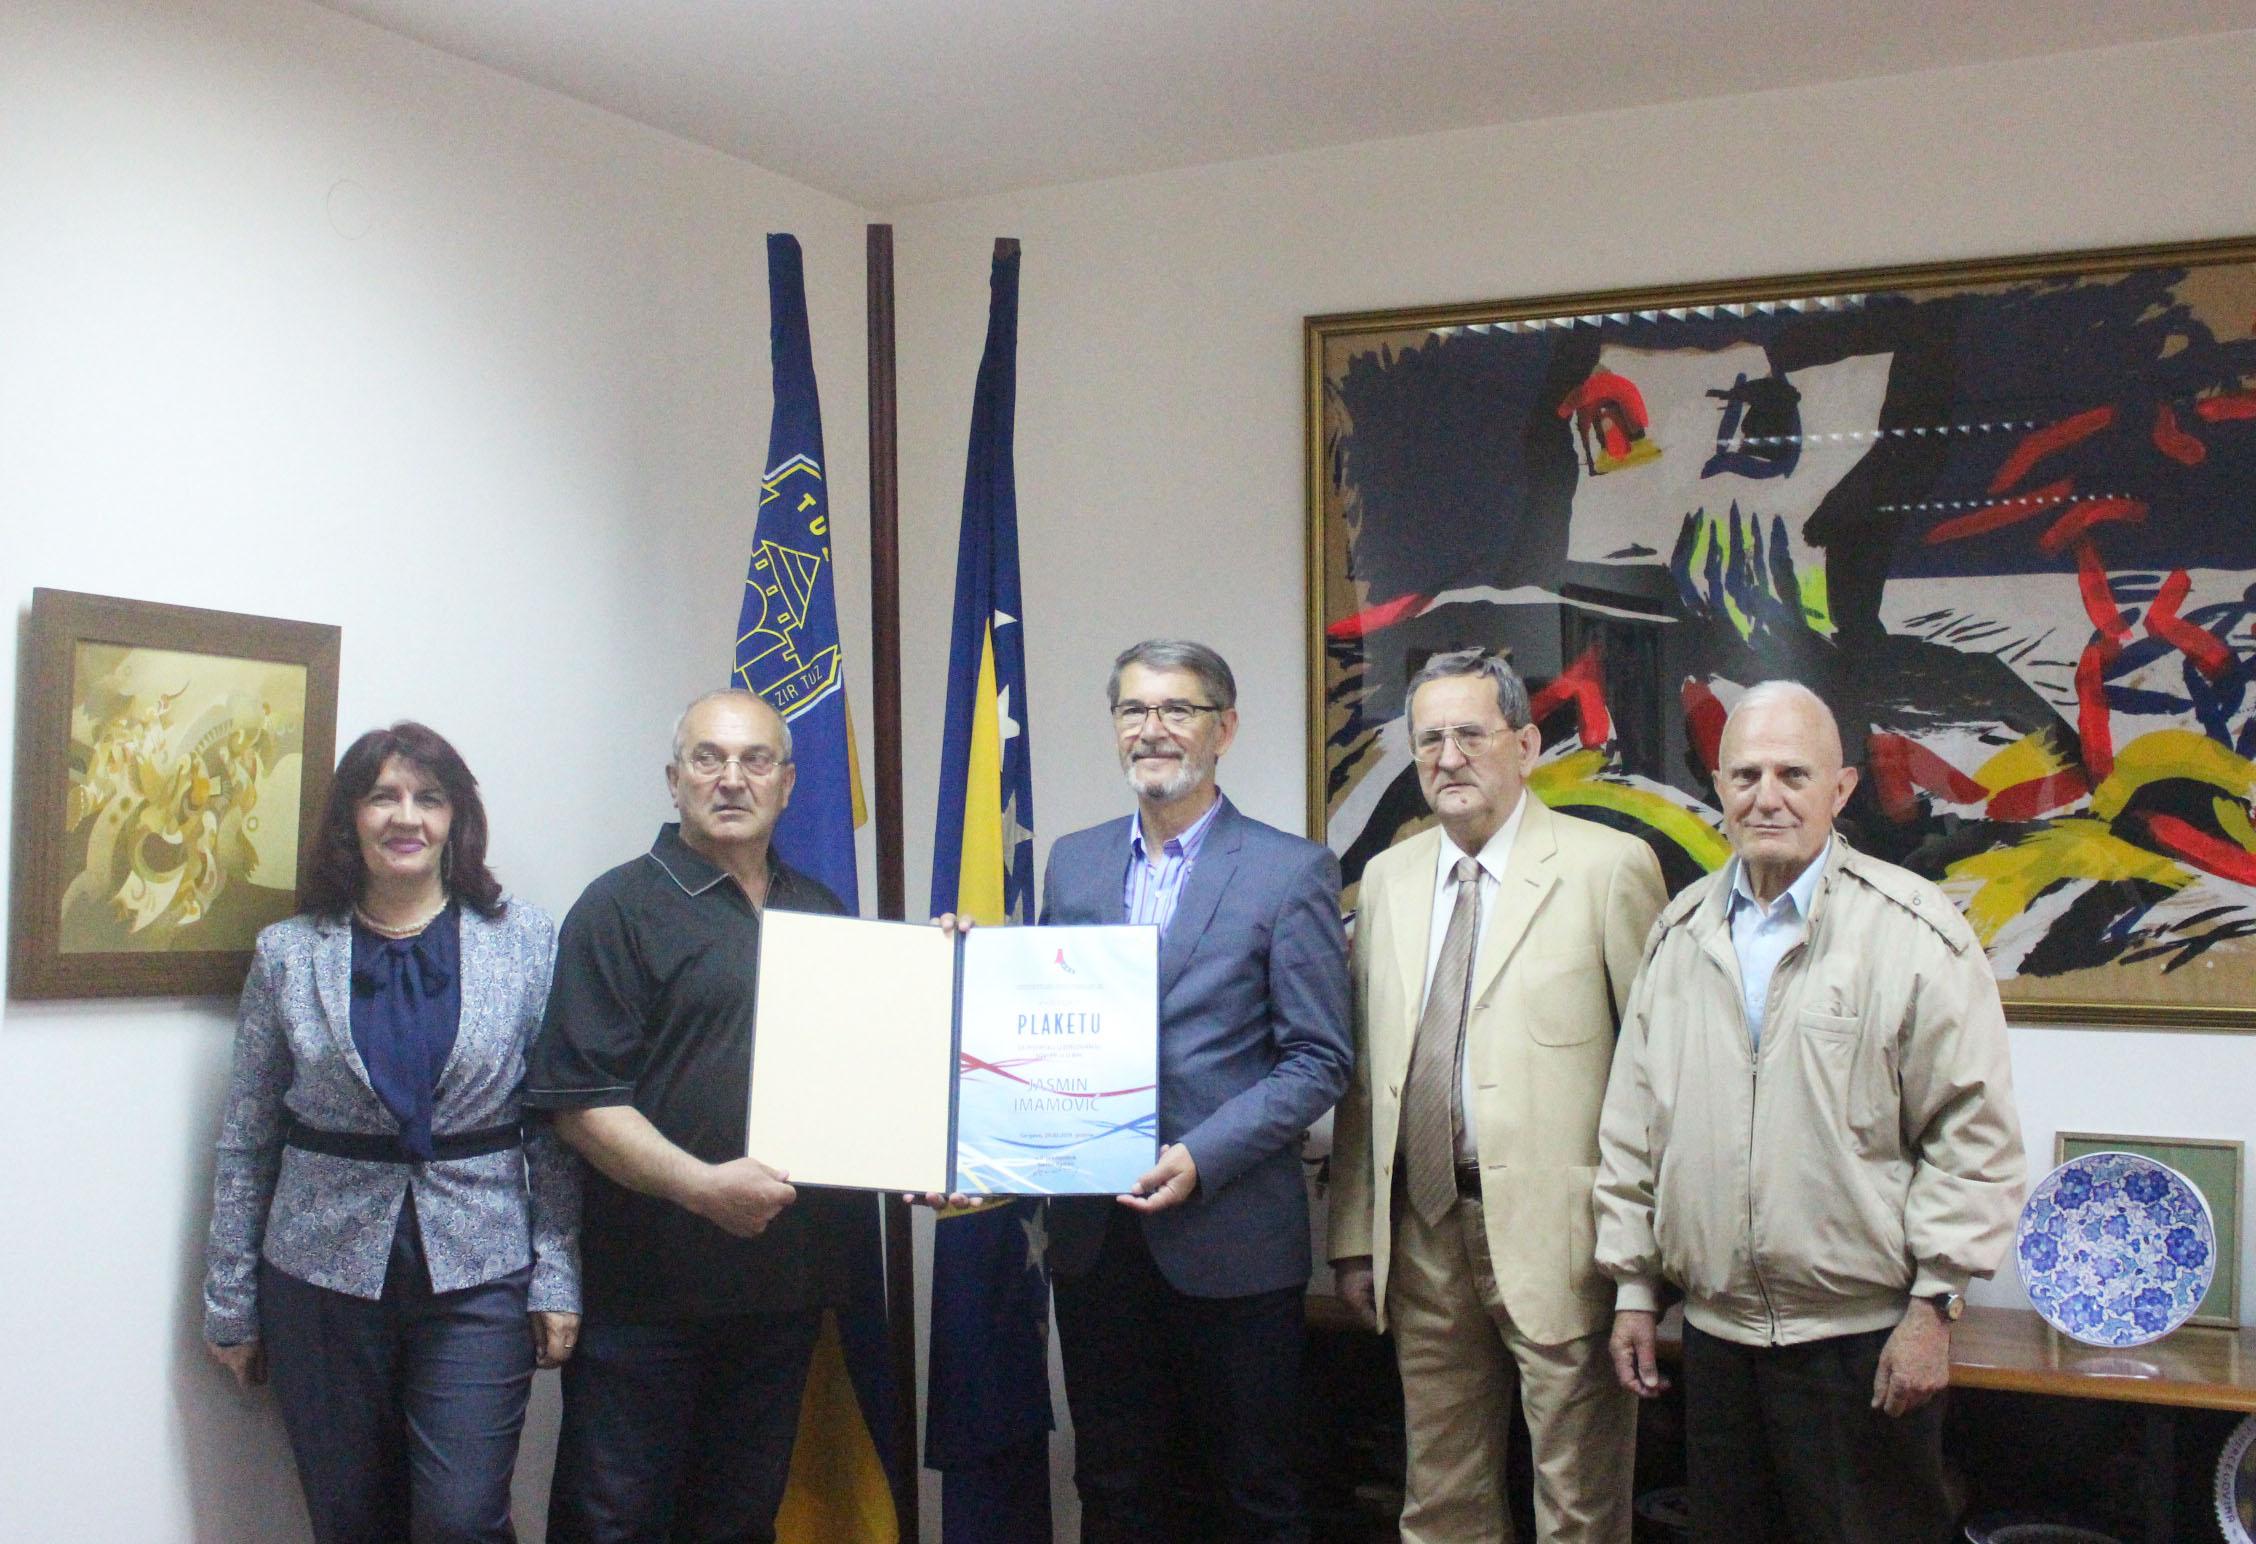 Gradonačelnik Tuzle, Jasmin Imamović, upriličio prijem za članove Srpskog građanskog vijeća – Pokret za ravnopravnost BiH